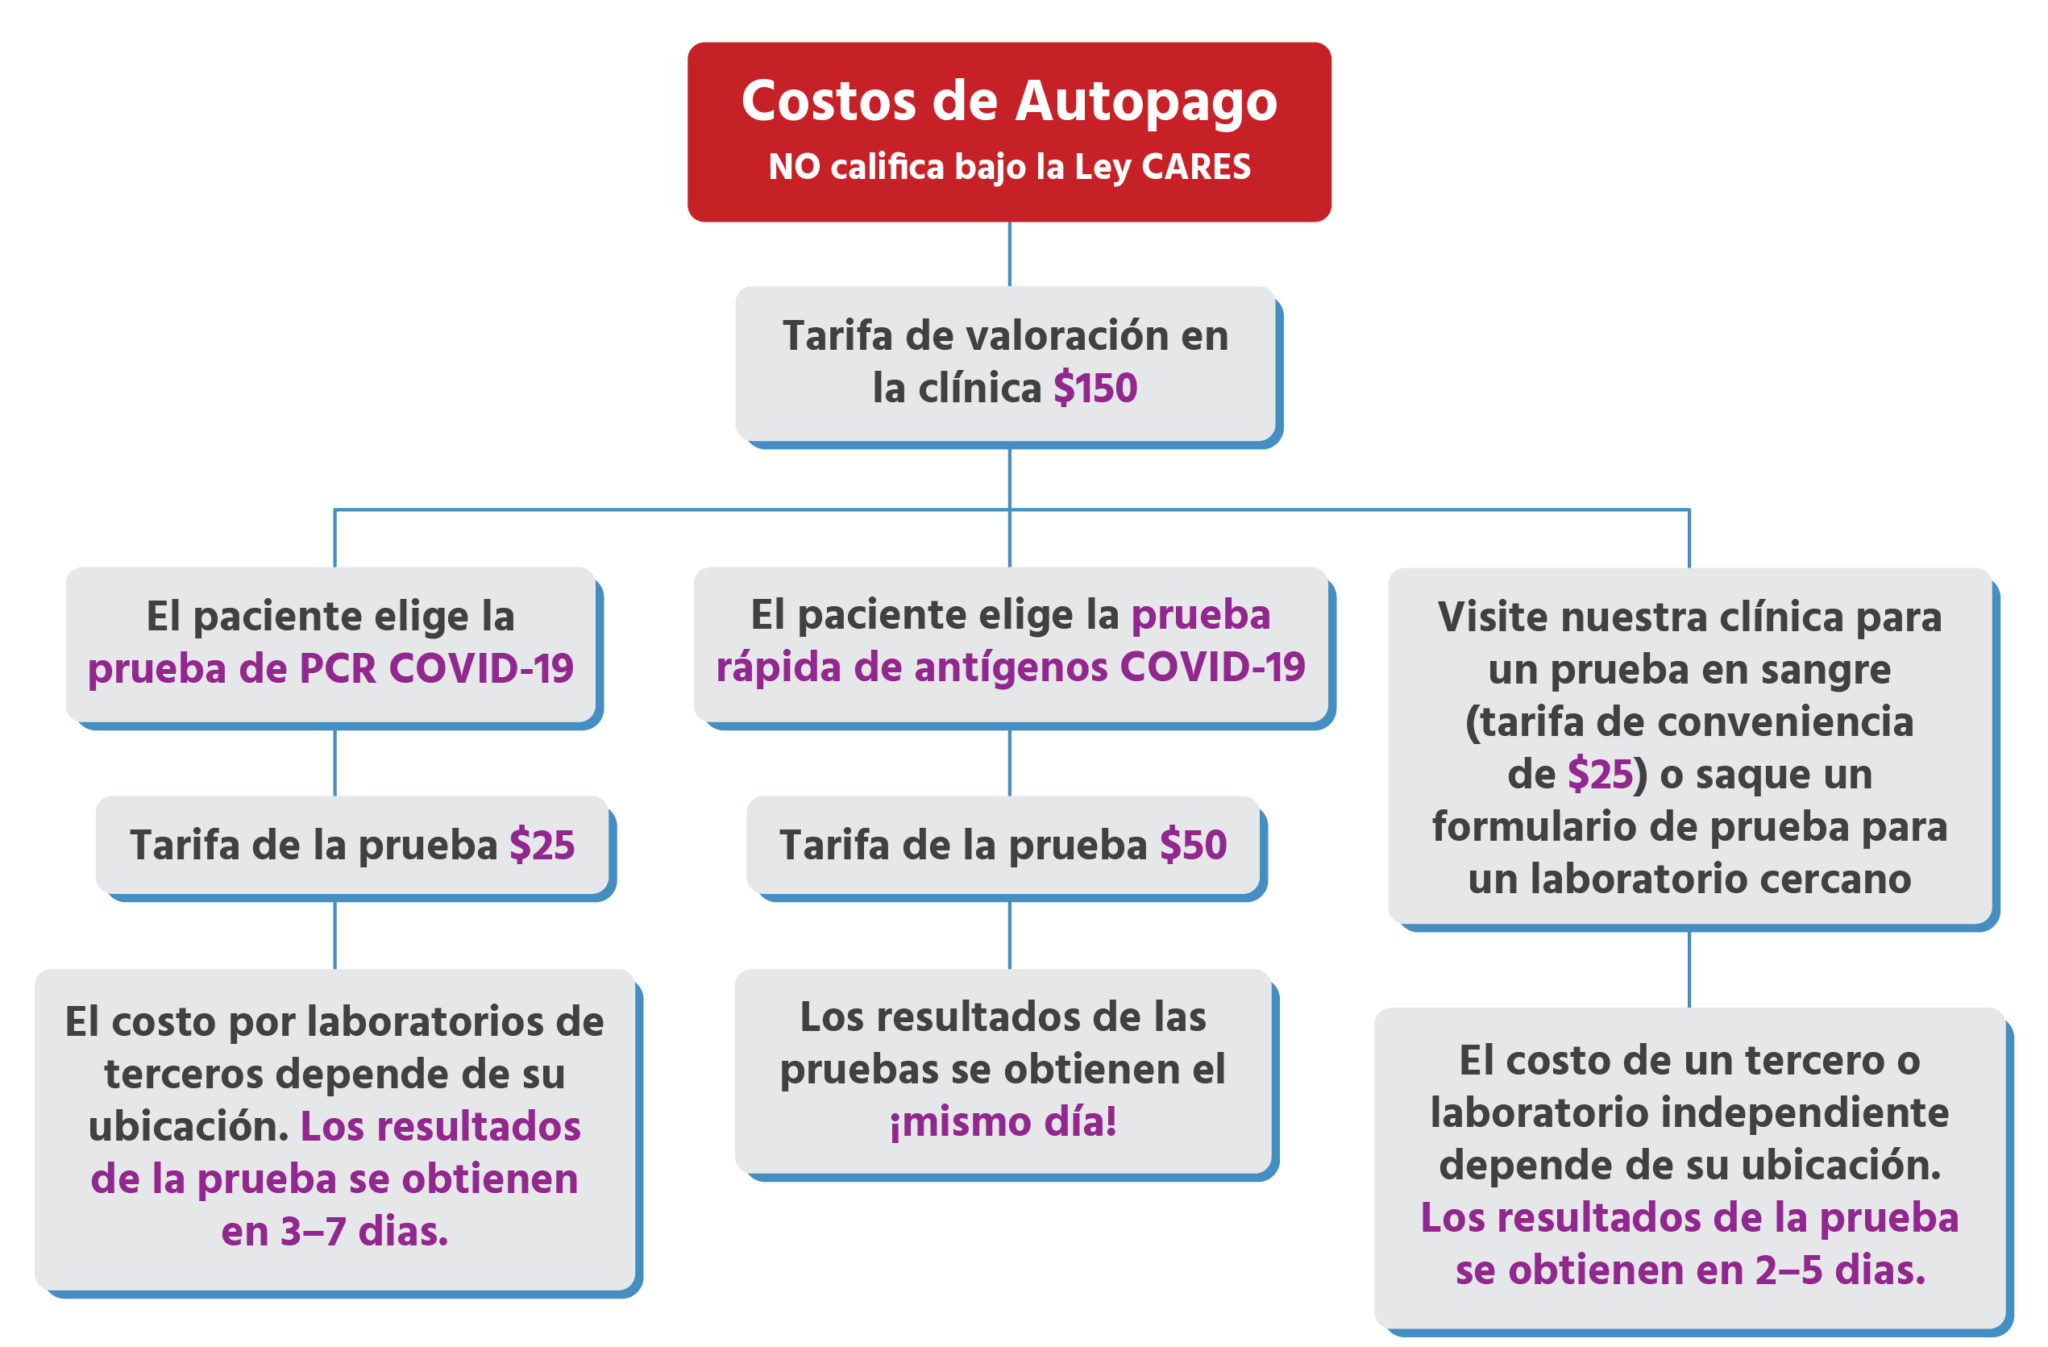 Urgent Care for Kids - Seguro Aceptado y Costo